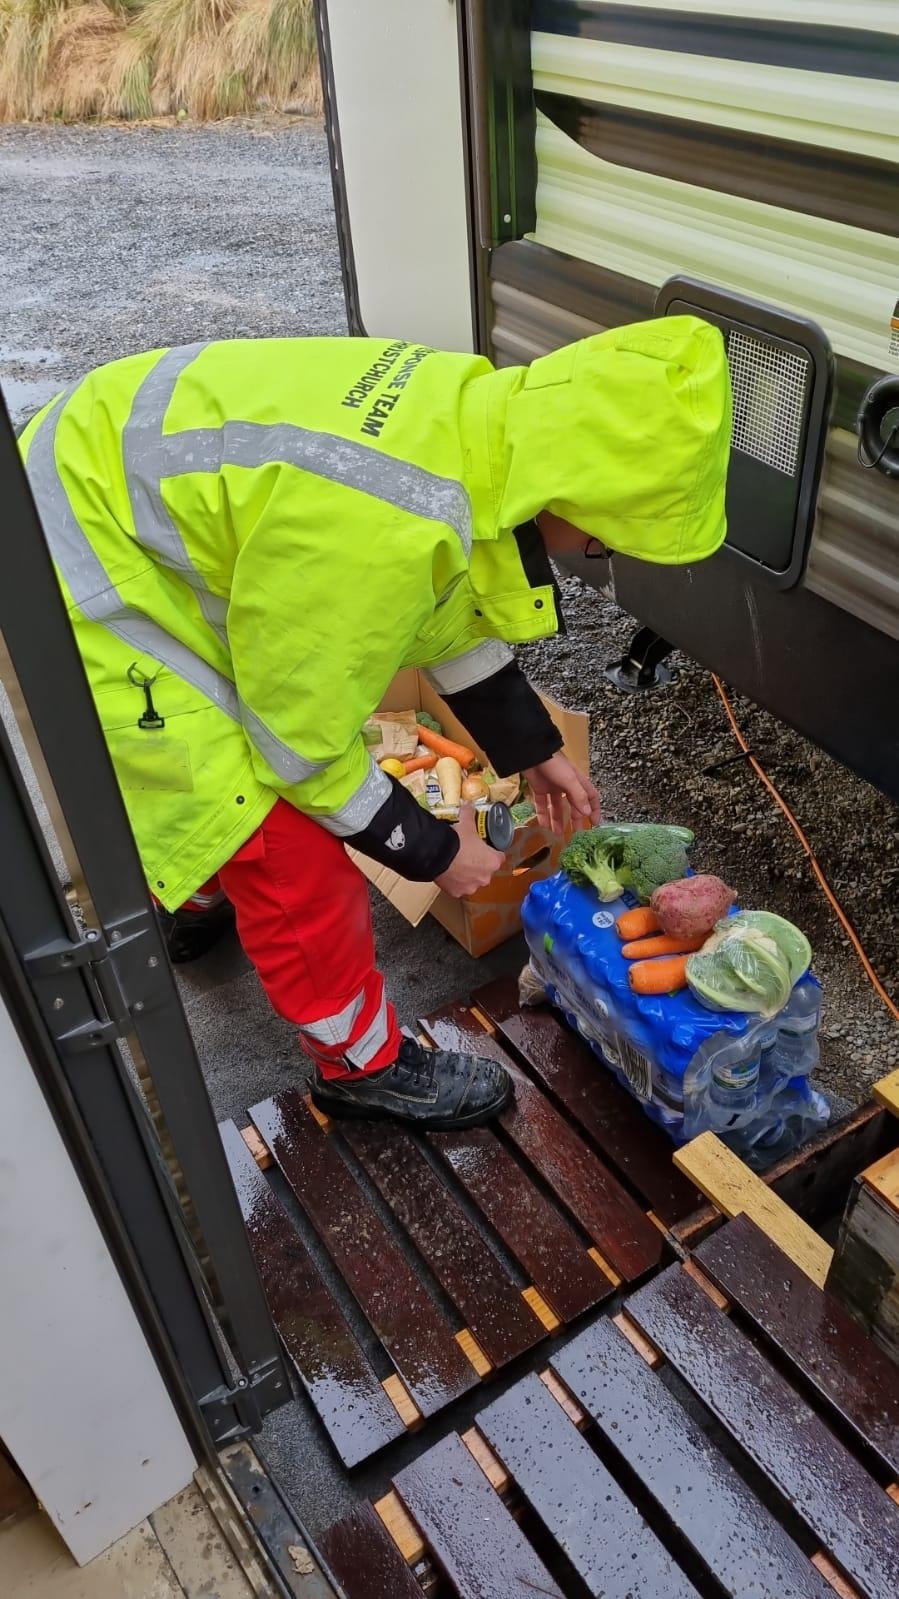 Response Team member delivering food